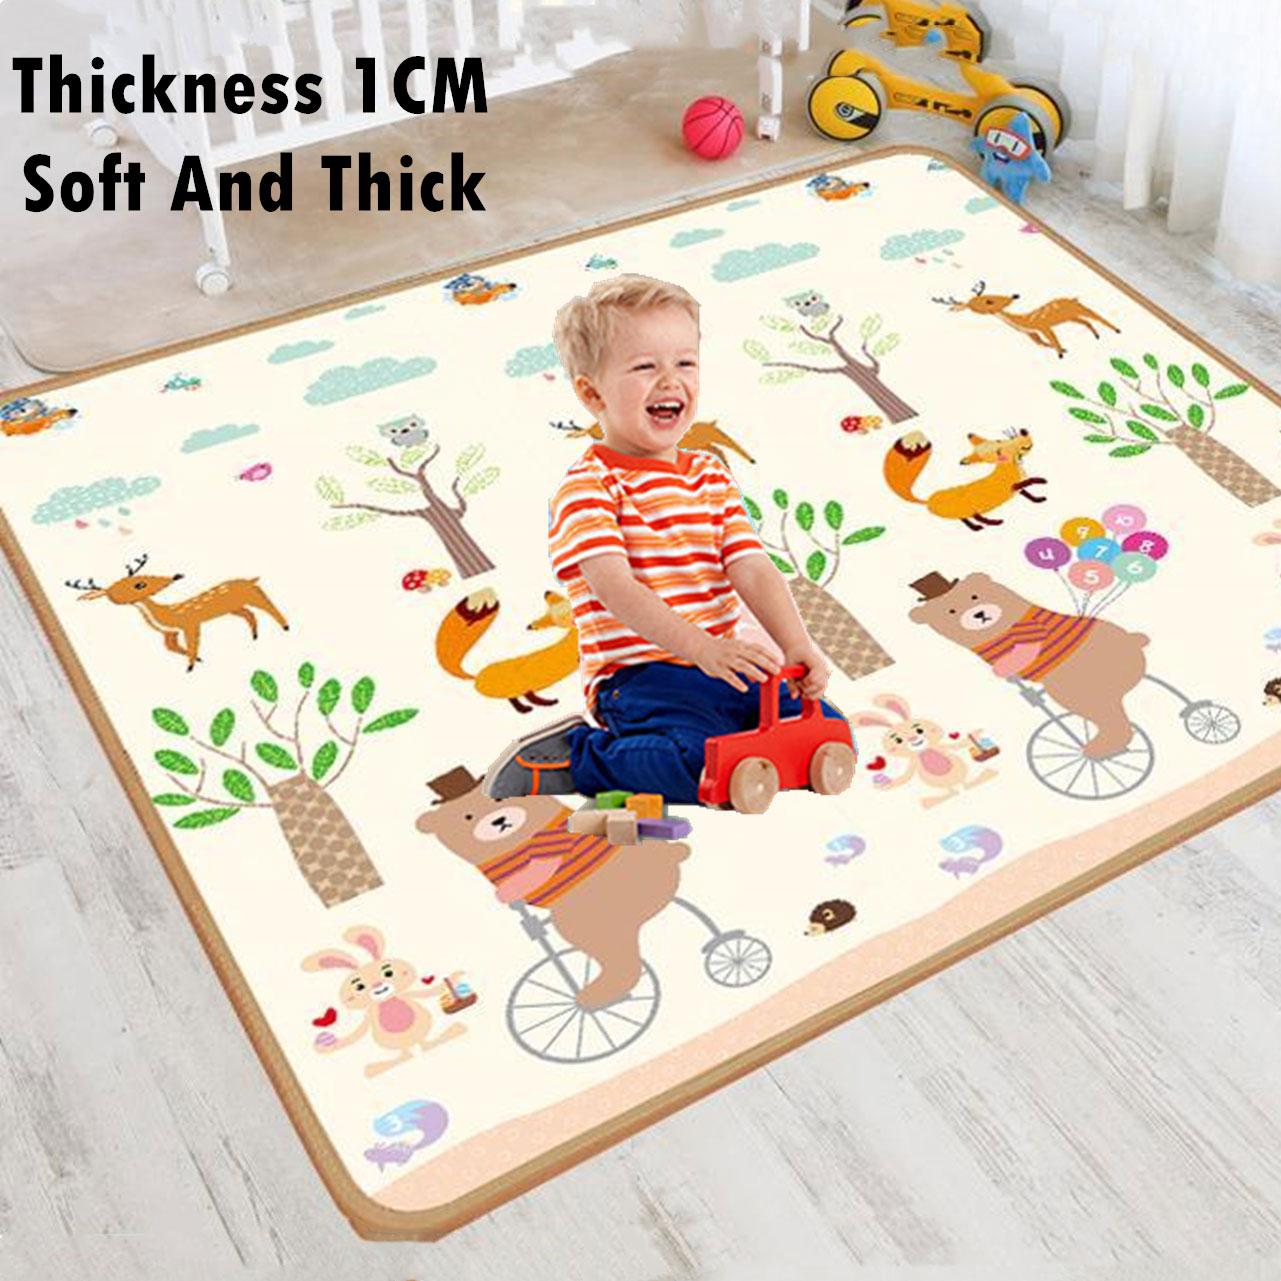 두꺼운 1cm Foldable 아기 놀이 매트 Xpe 퍼즐 매트 보육원에서 교육 어린이 카펫 등산 패드 키즈 러그 게임 완구